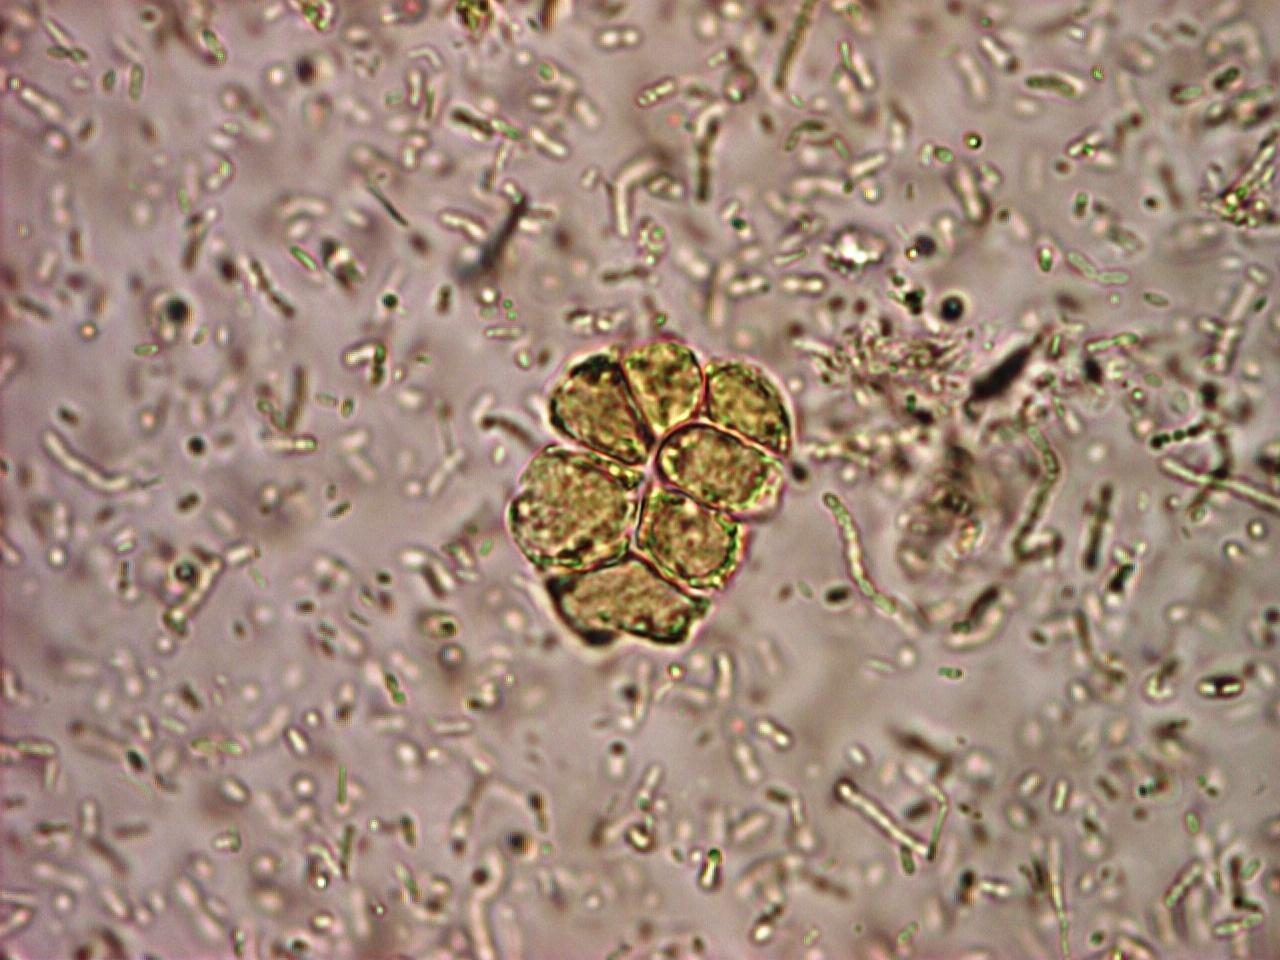 Blastocystis Infection